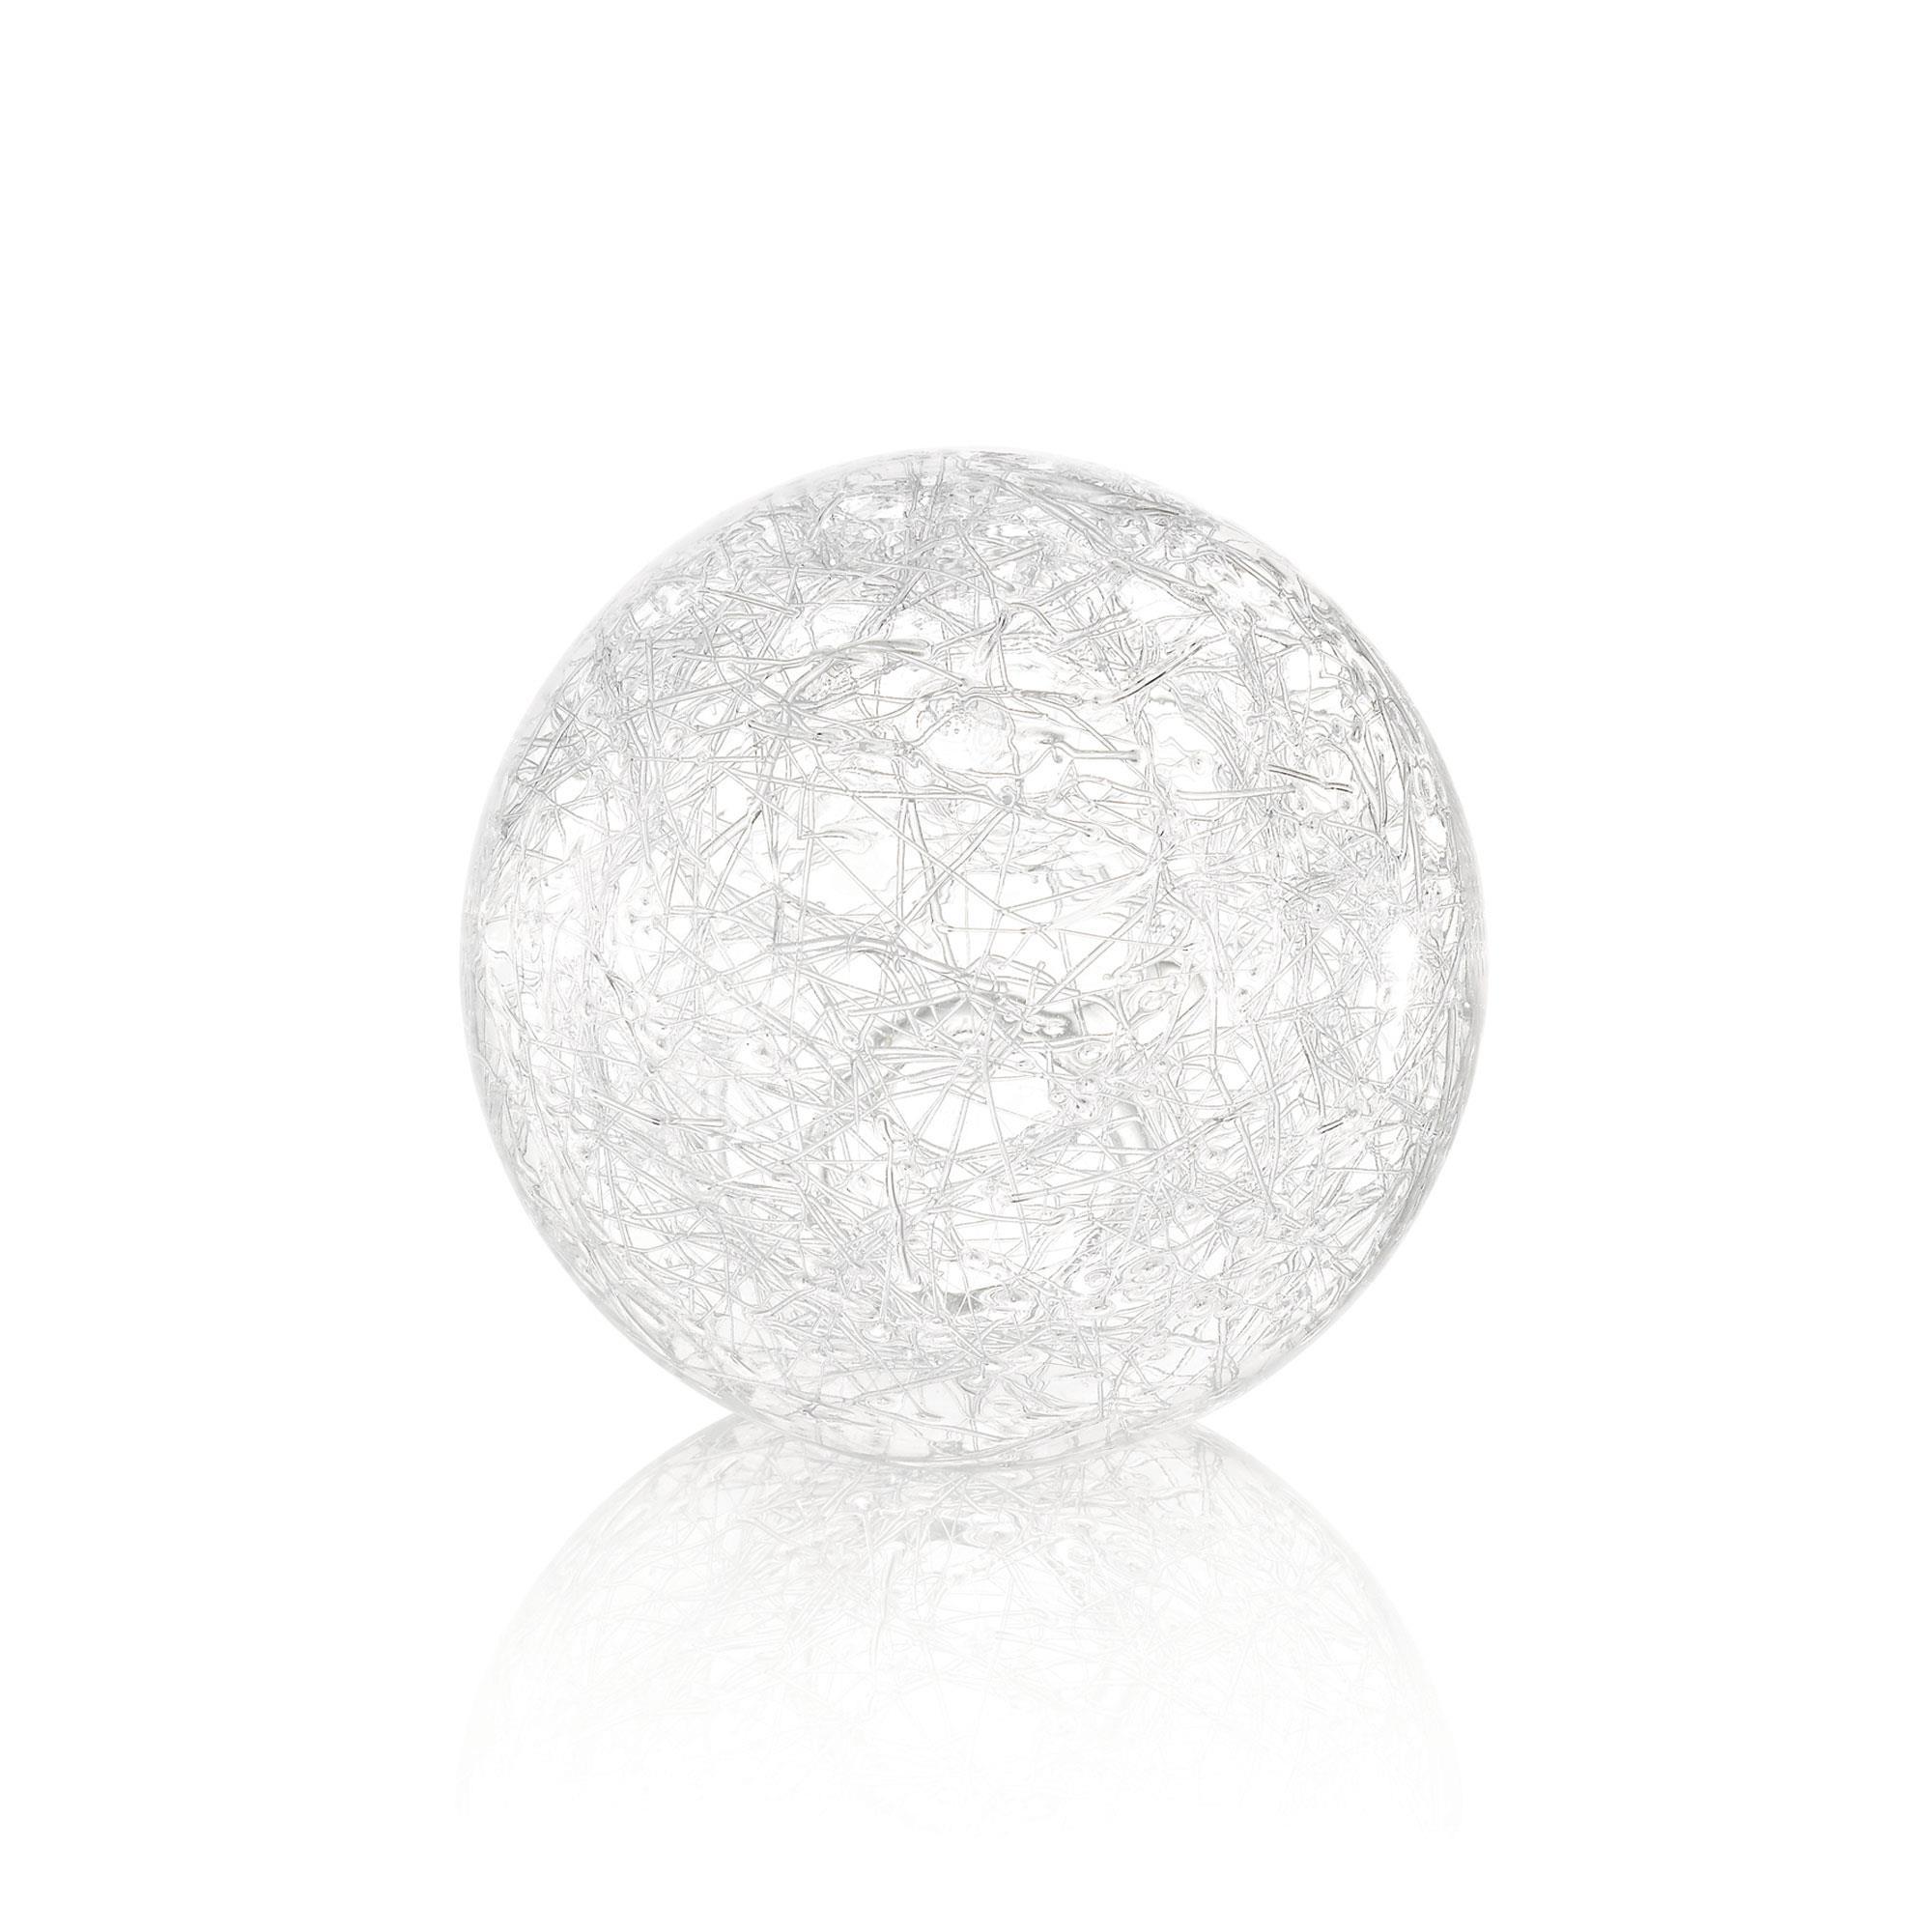 Ideal Lux 073828 Orbital SP10 lámpa függeszték